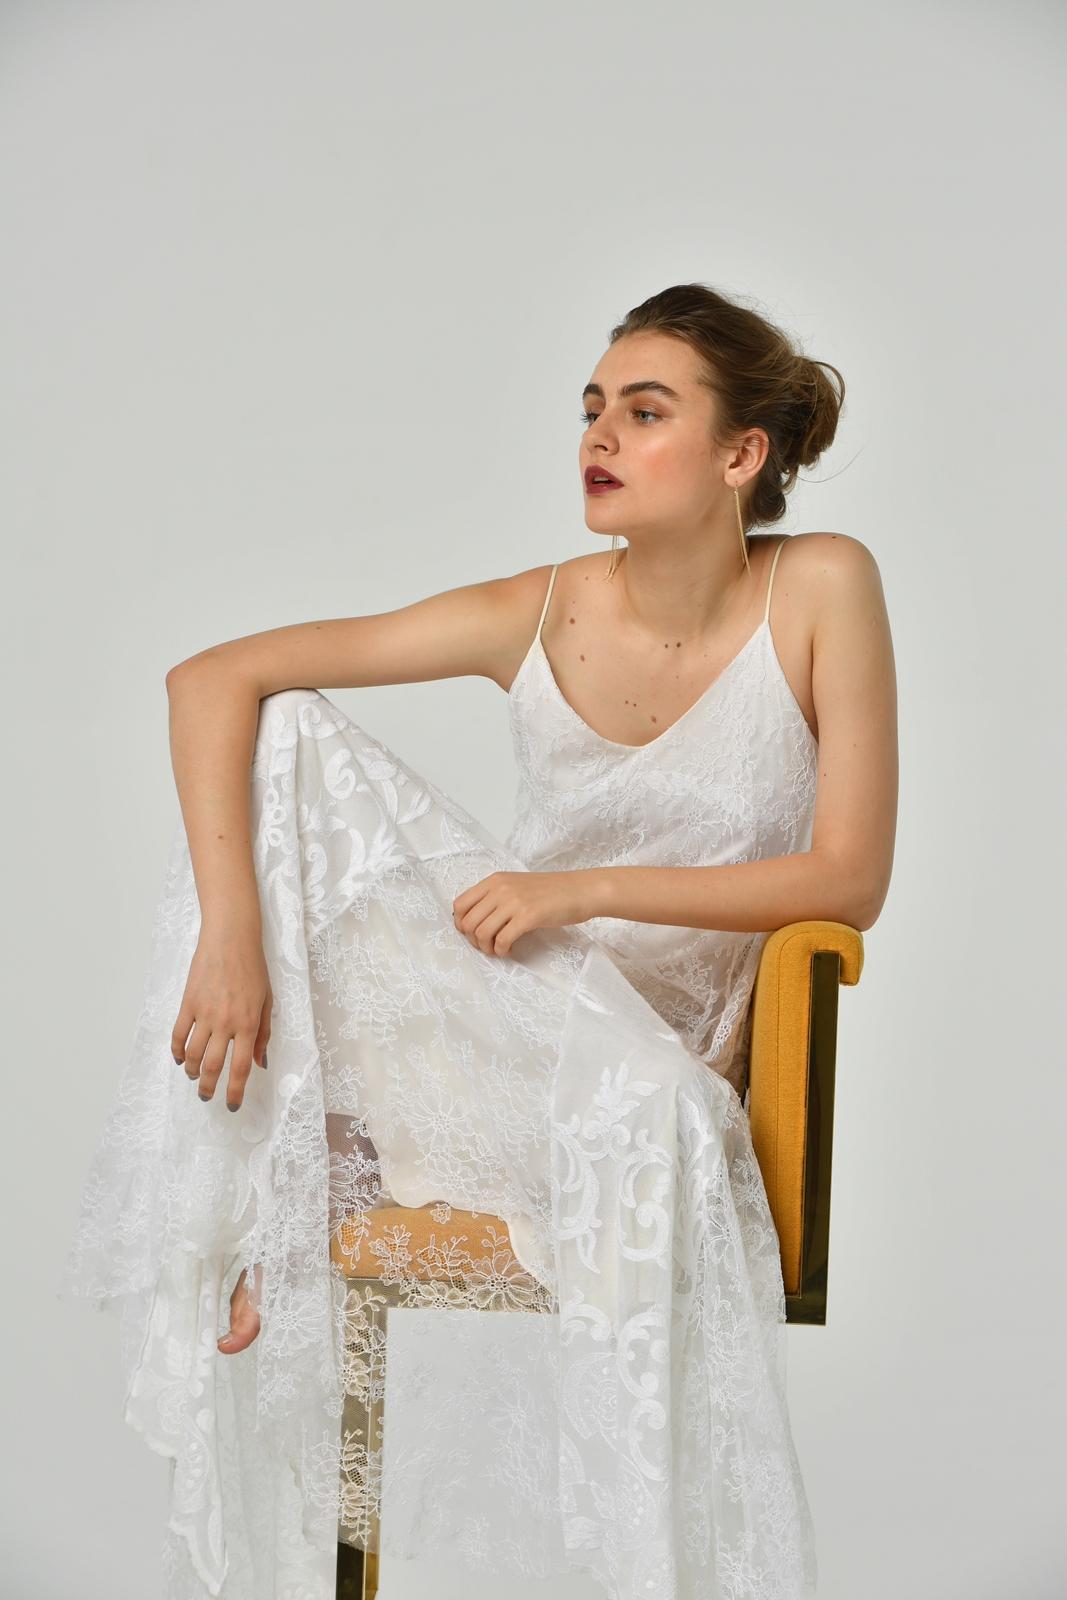 ホートンブライド(Hoghton Bride)のウェディングドレスはおしゃれな花嫁様に人気。Mauzacという名前のBoho WeedingやBeach weddingやガーデンウェディングなどにぴったりの1着。